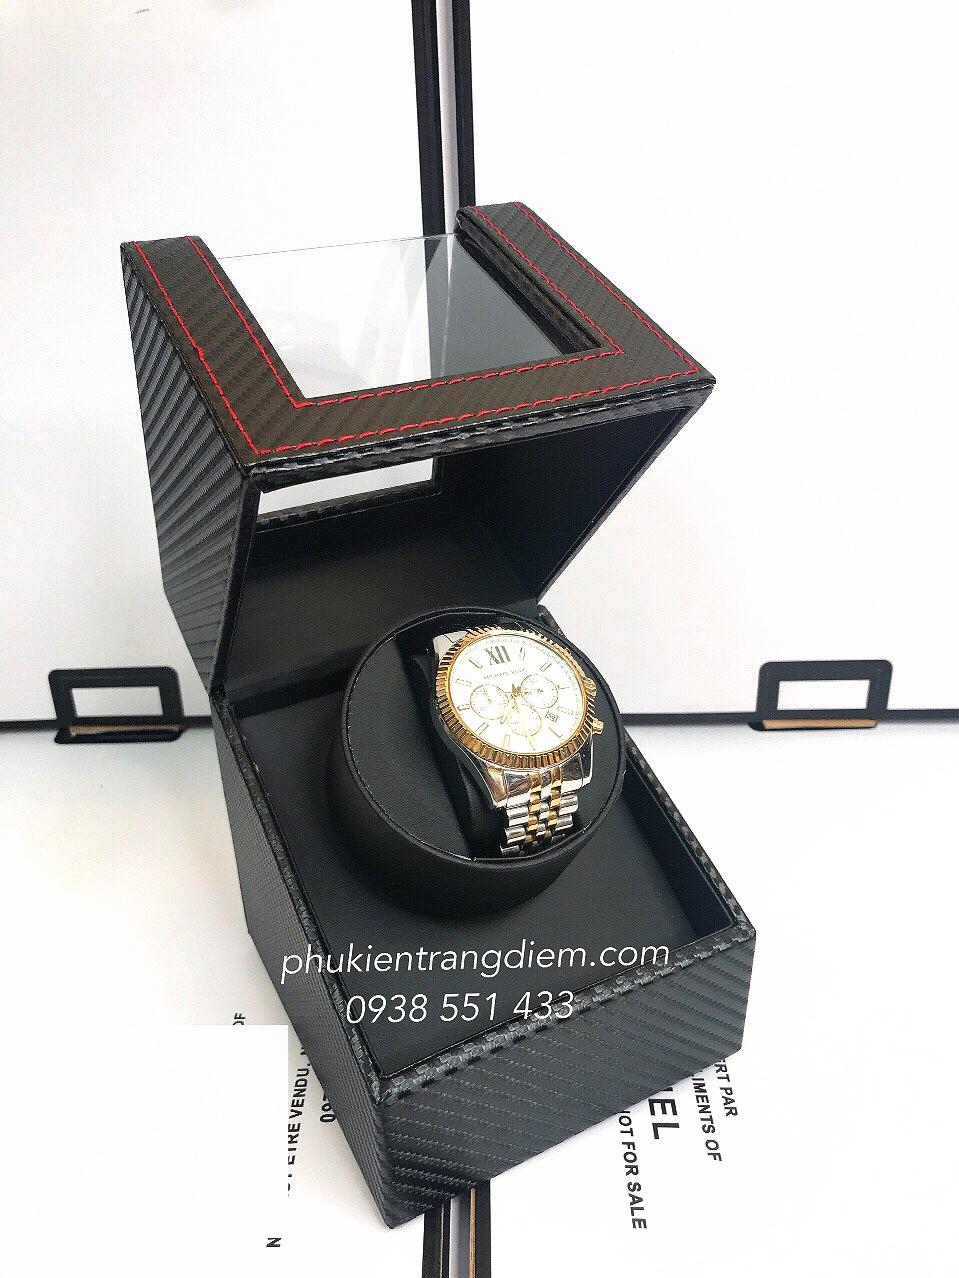 hộp lắc đồng hồ cơ tự động xoay 1 ngăn giá rẻ